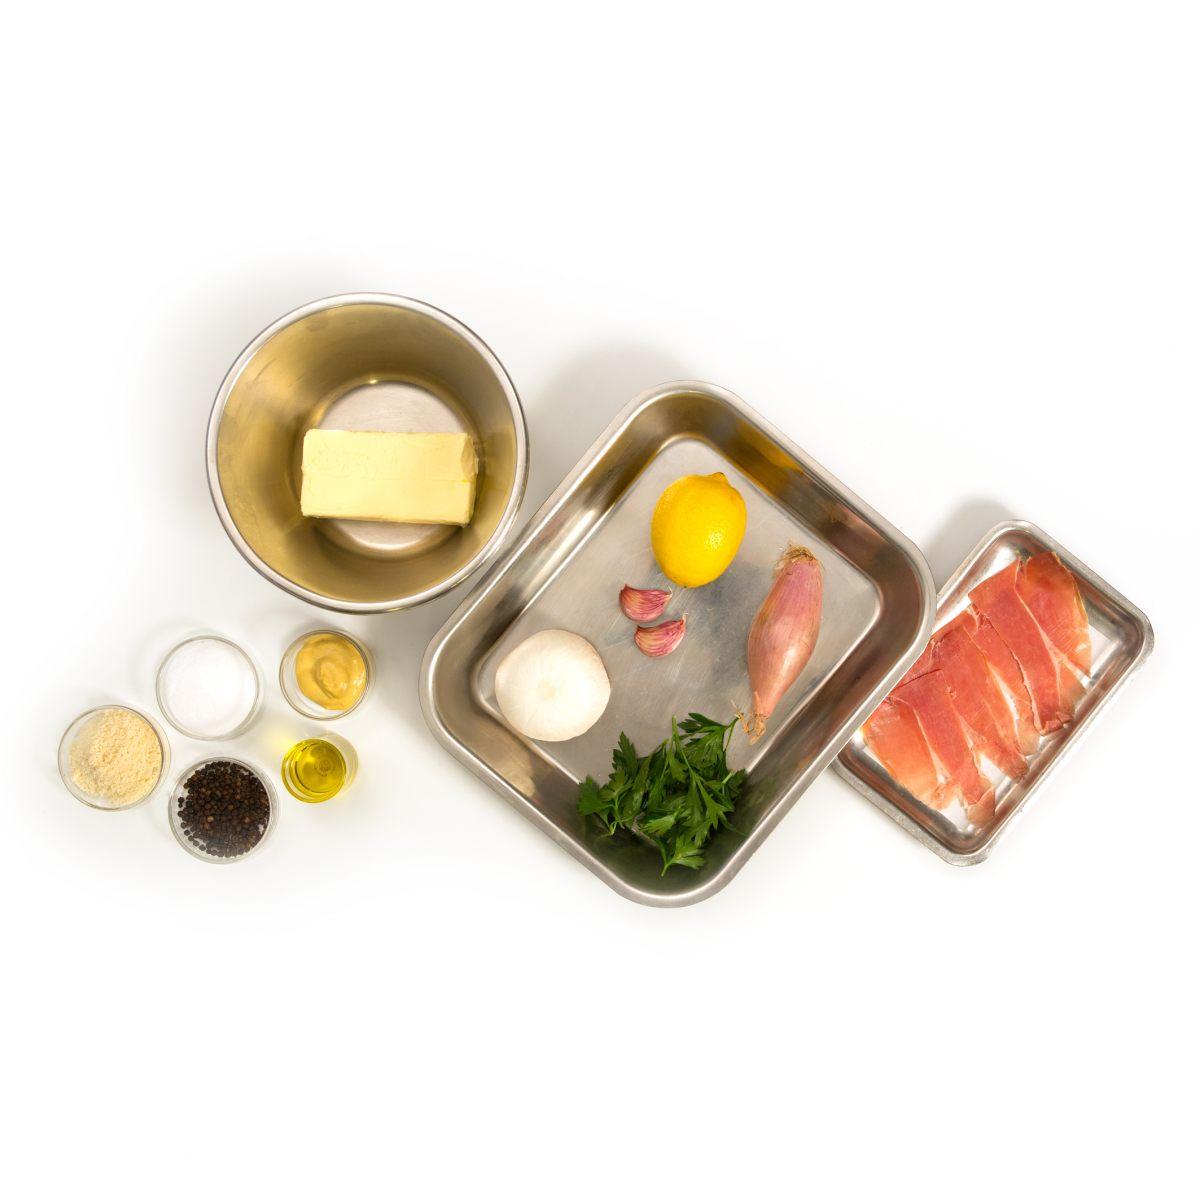 Recette de beurre d escargot par alain ducasse - Beurre d escargots maison ...